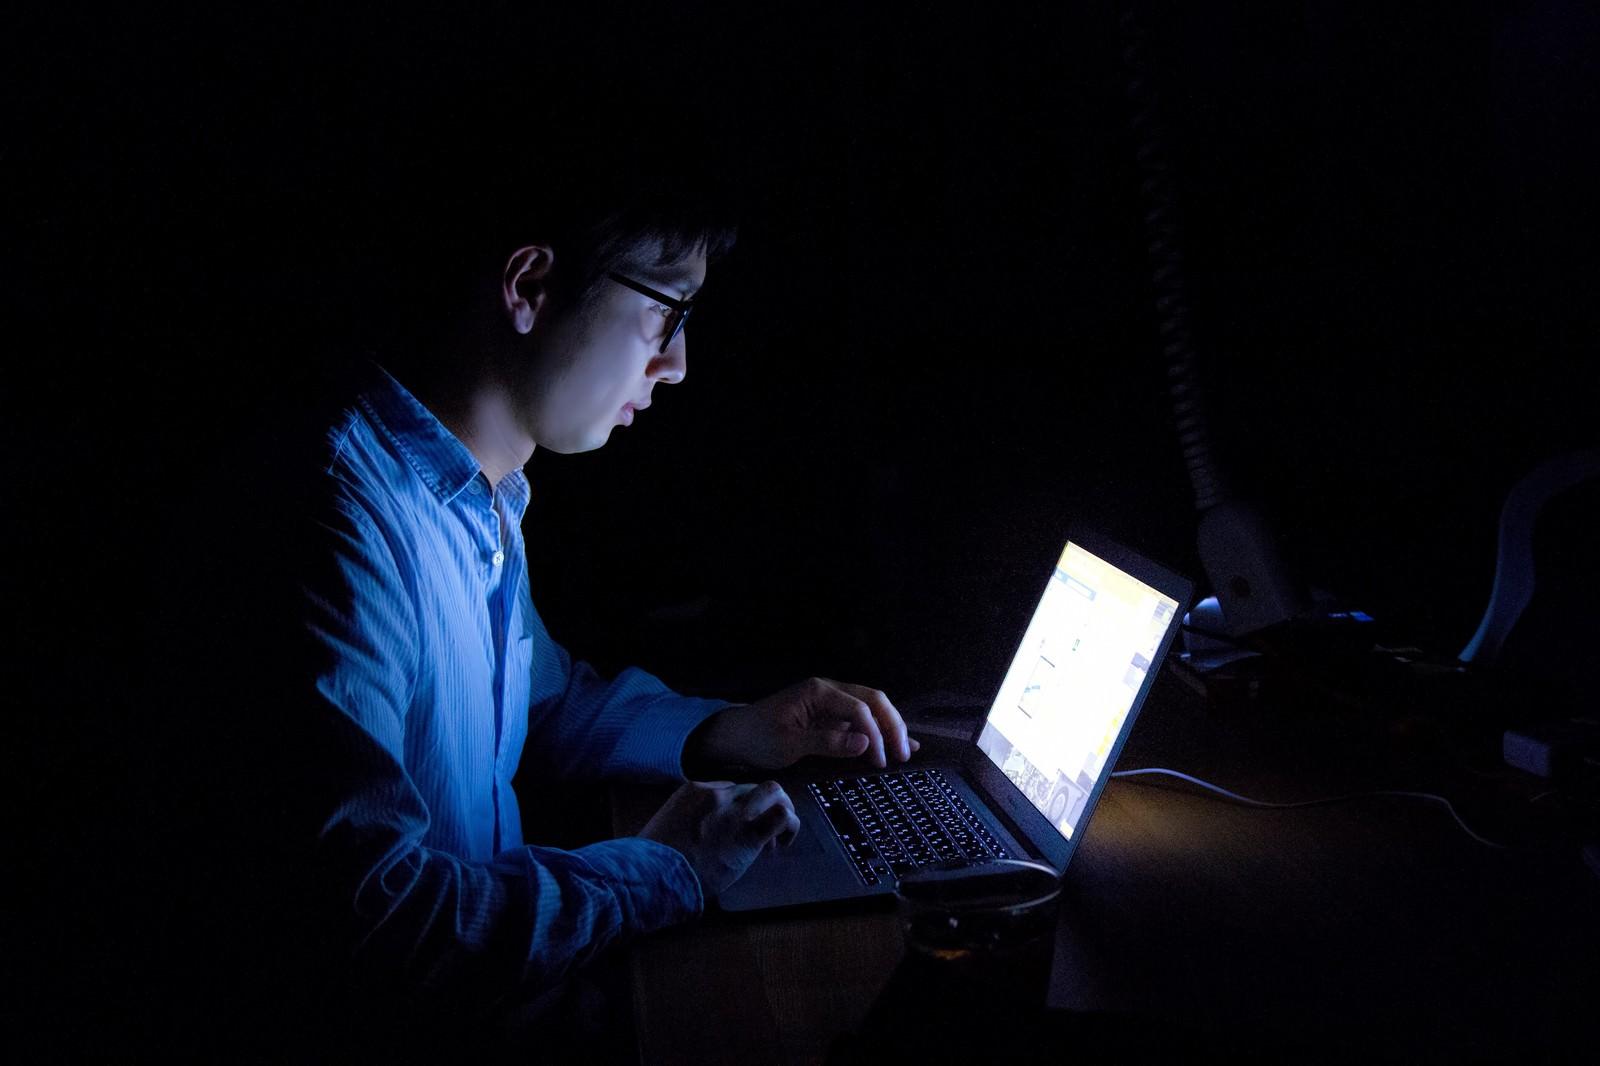 「暗闇でPCを使う残業中の男性 | 写真の無料素材・フリー素材 - ぱくたそ」の写真[モデル:大川竜弥]